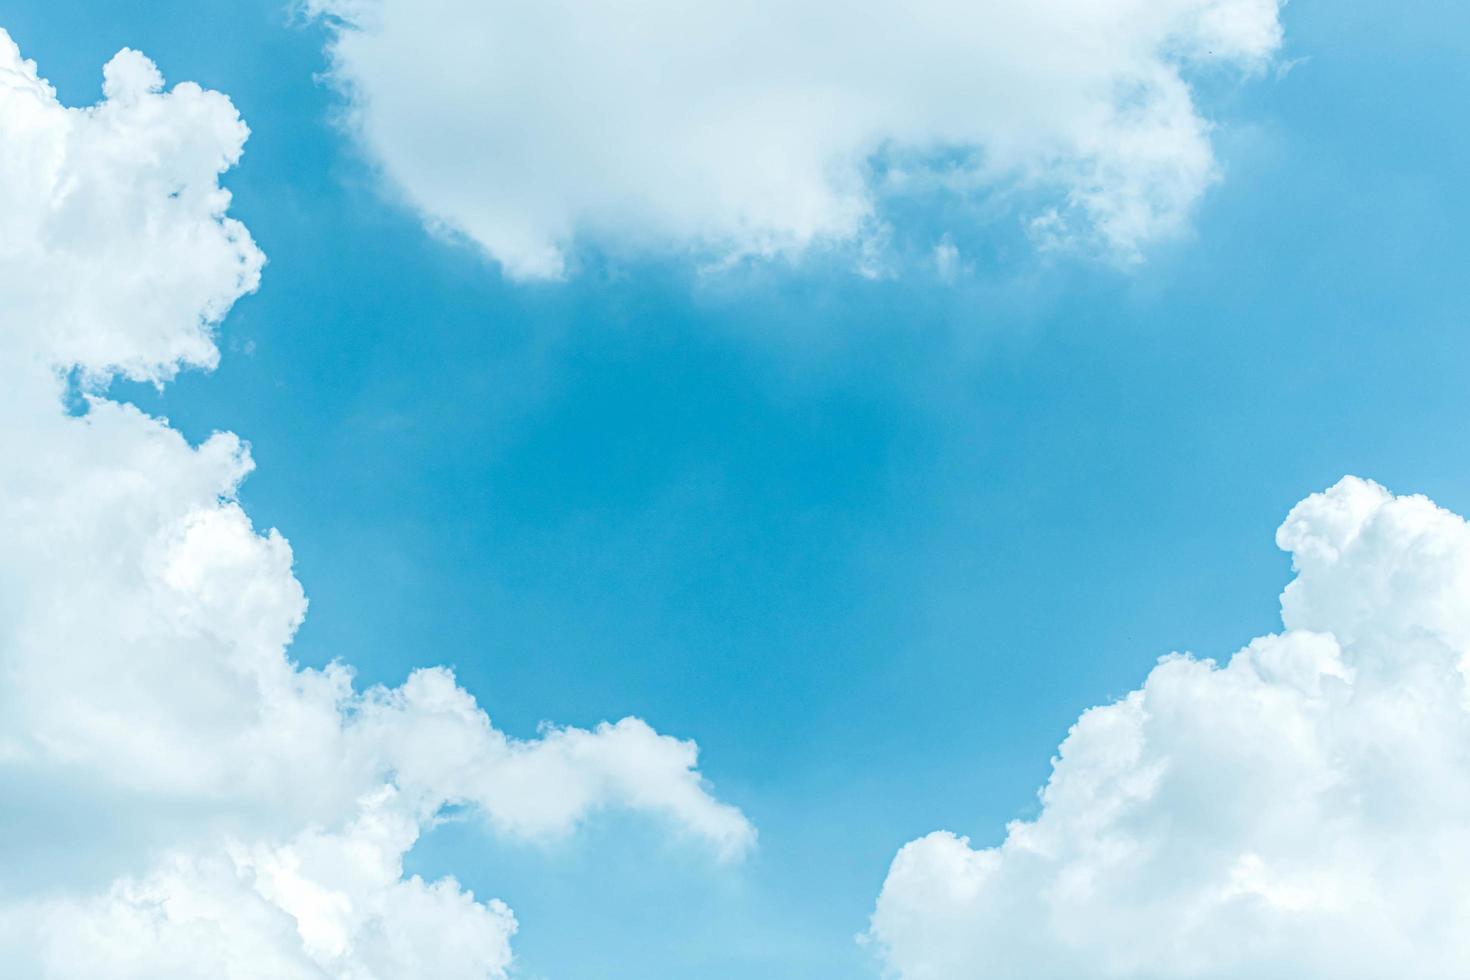 blauwe lucht met pluizige wolken foto